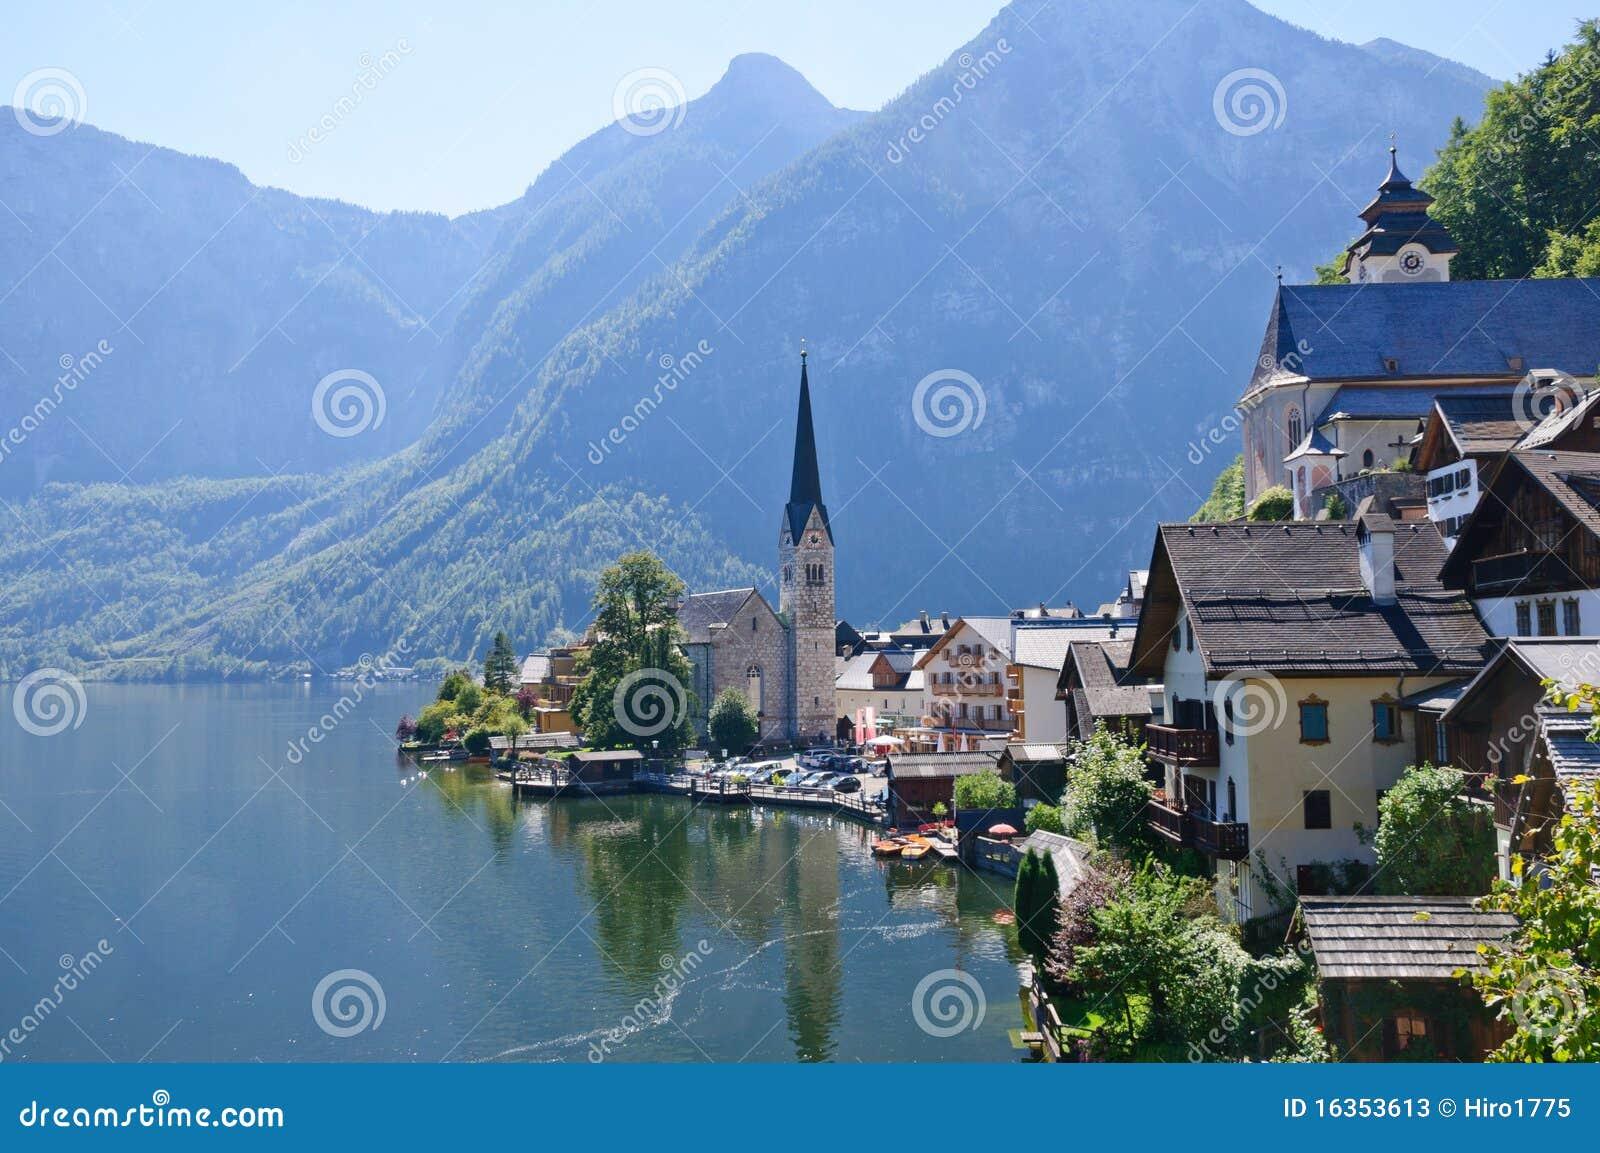 Hallstatt-Dachstein Salzkammergut Cultural Landscape, One of the ...